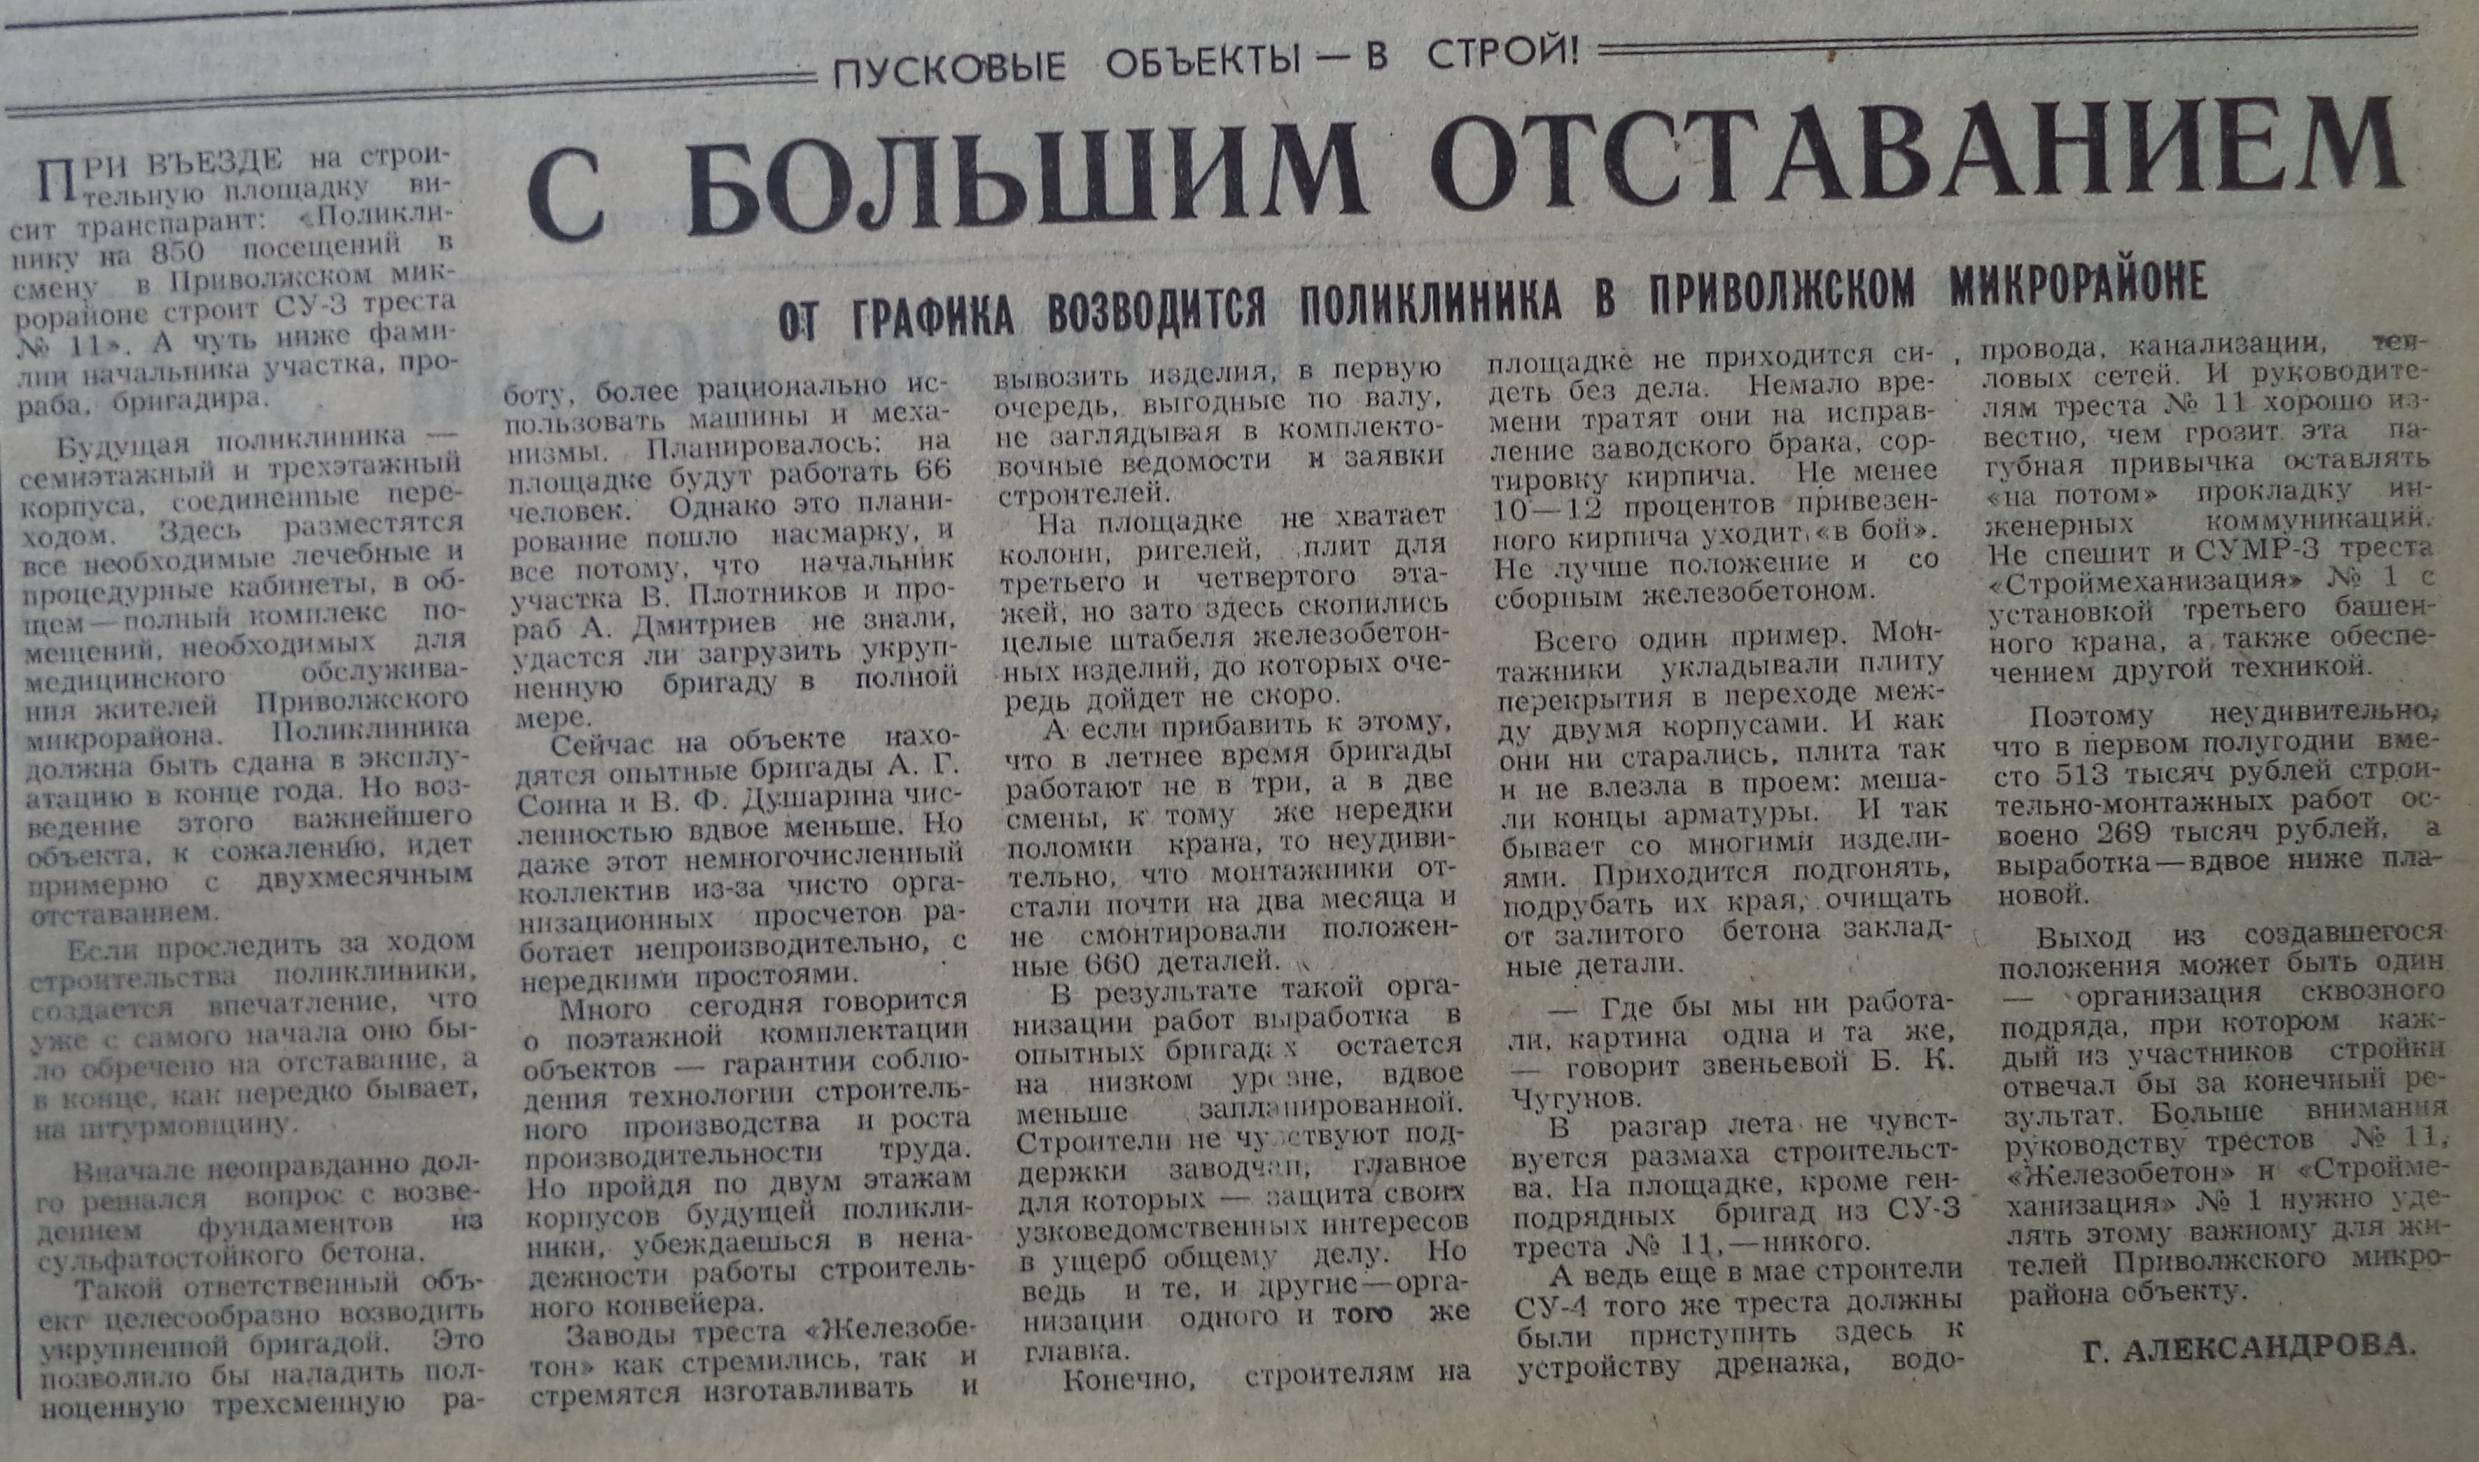 Тополей-ФОТО-10-ВЗя-1986-07-10-о стр-ве поликл. в Приволж. мкр.-min